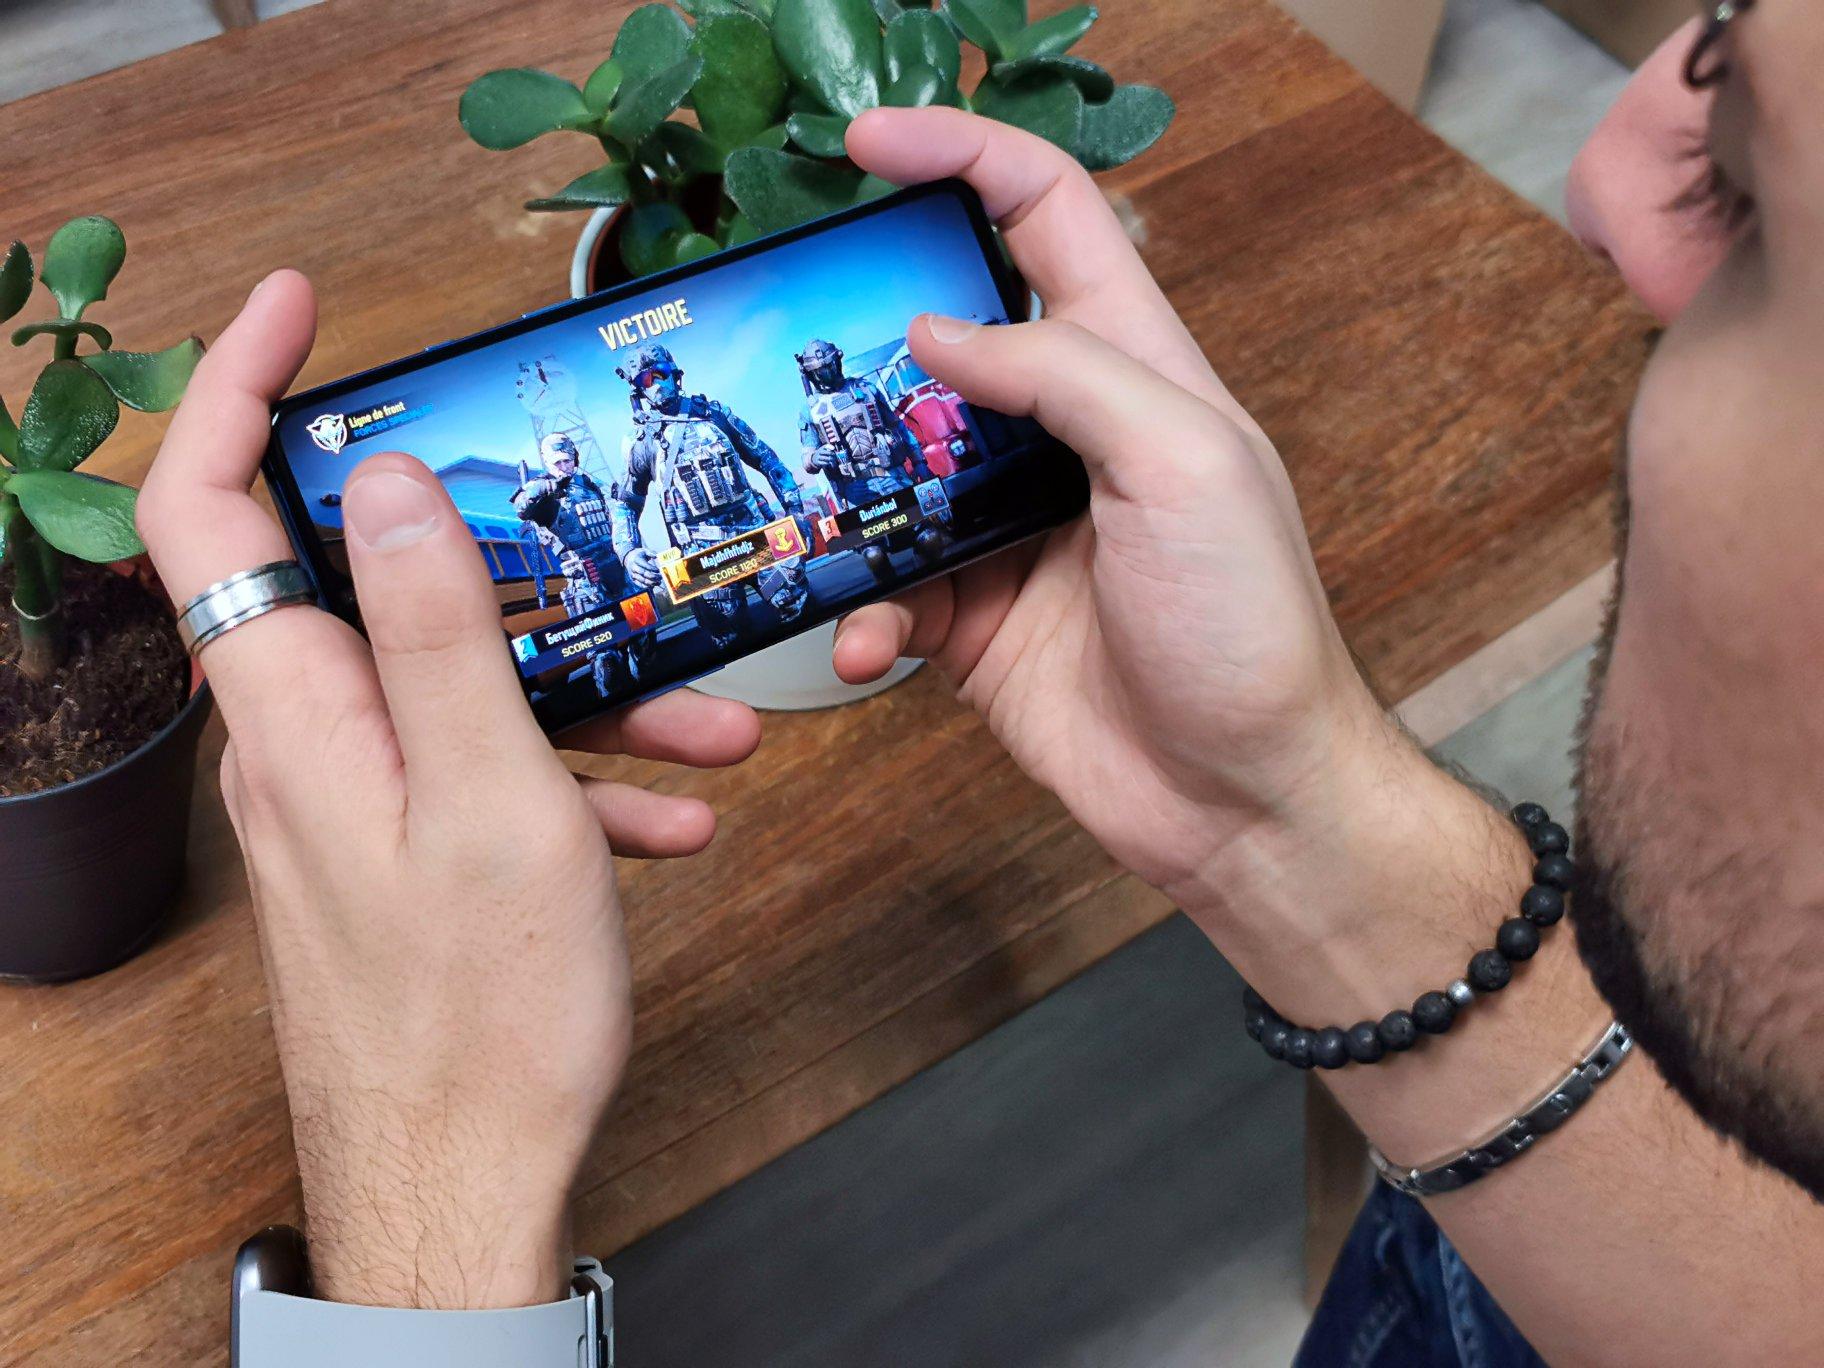 Les Meilleurs Fps Et Tps (Jeux De Tir) Sur Android Et Iphone concernant Jeux Gratuits Pour Les Filles